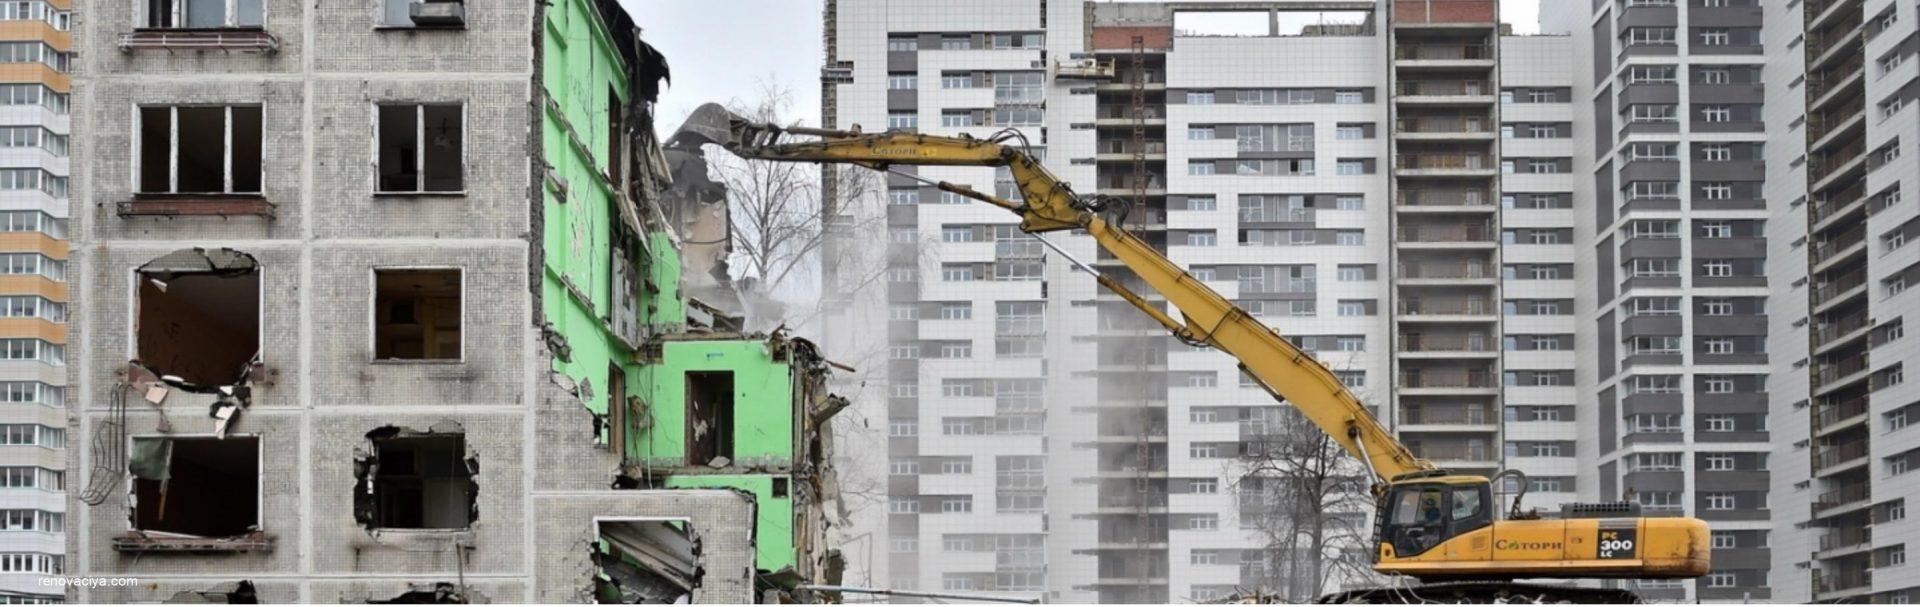 На востоке Москвы началось строительство по программе реновации